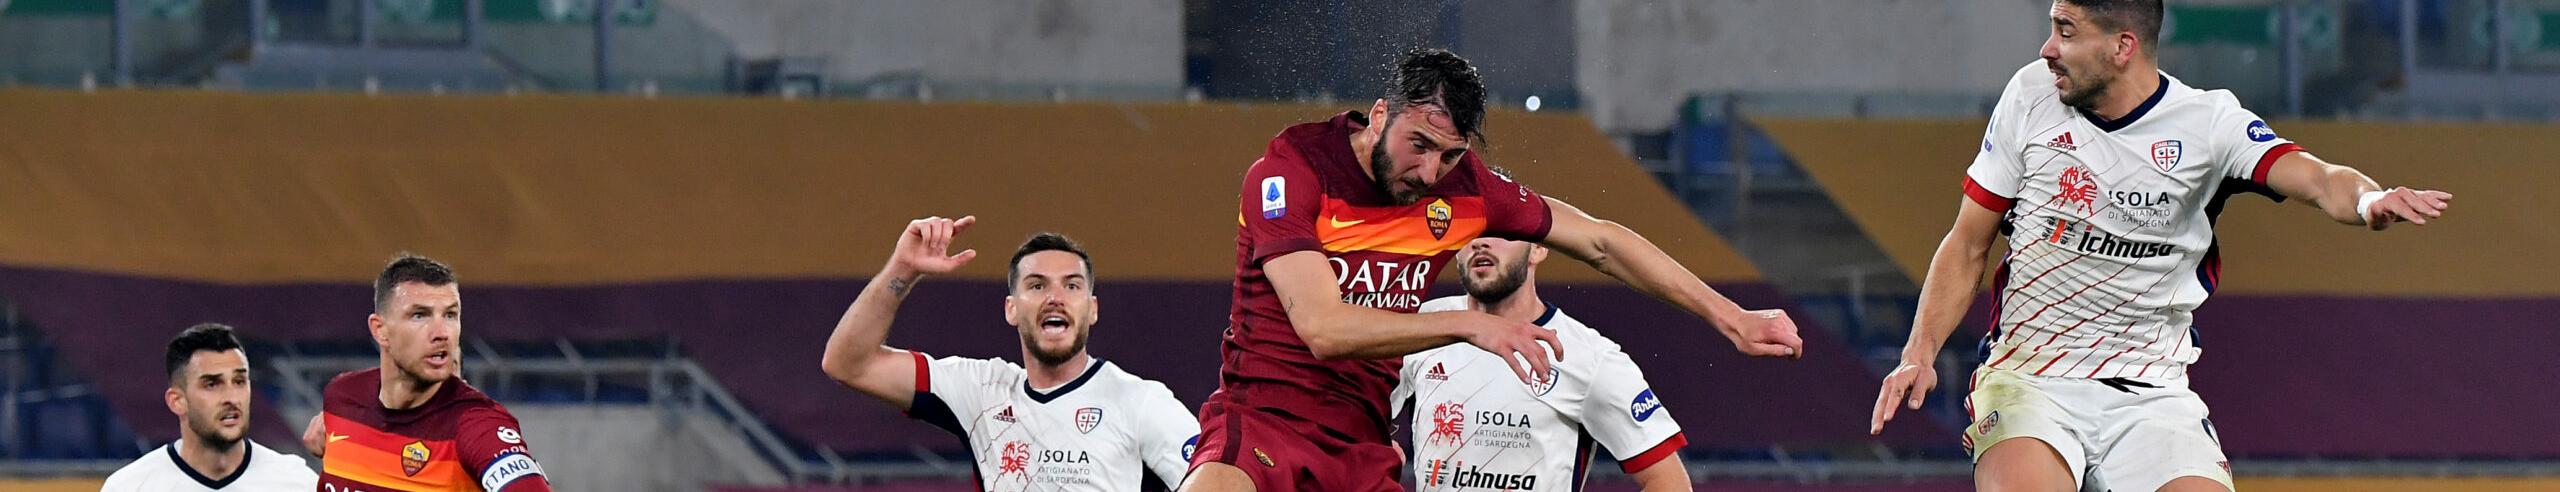 Cagliari-Roma, sardi pronti al tutto per tutto contro la Lupa